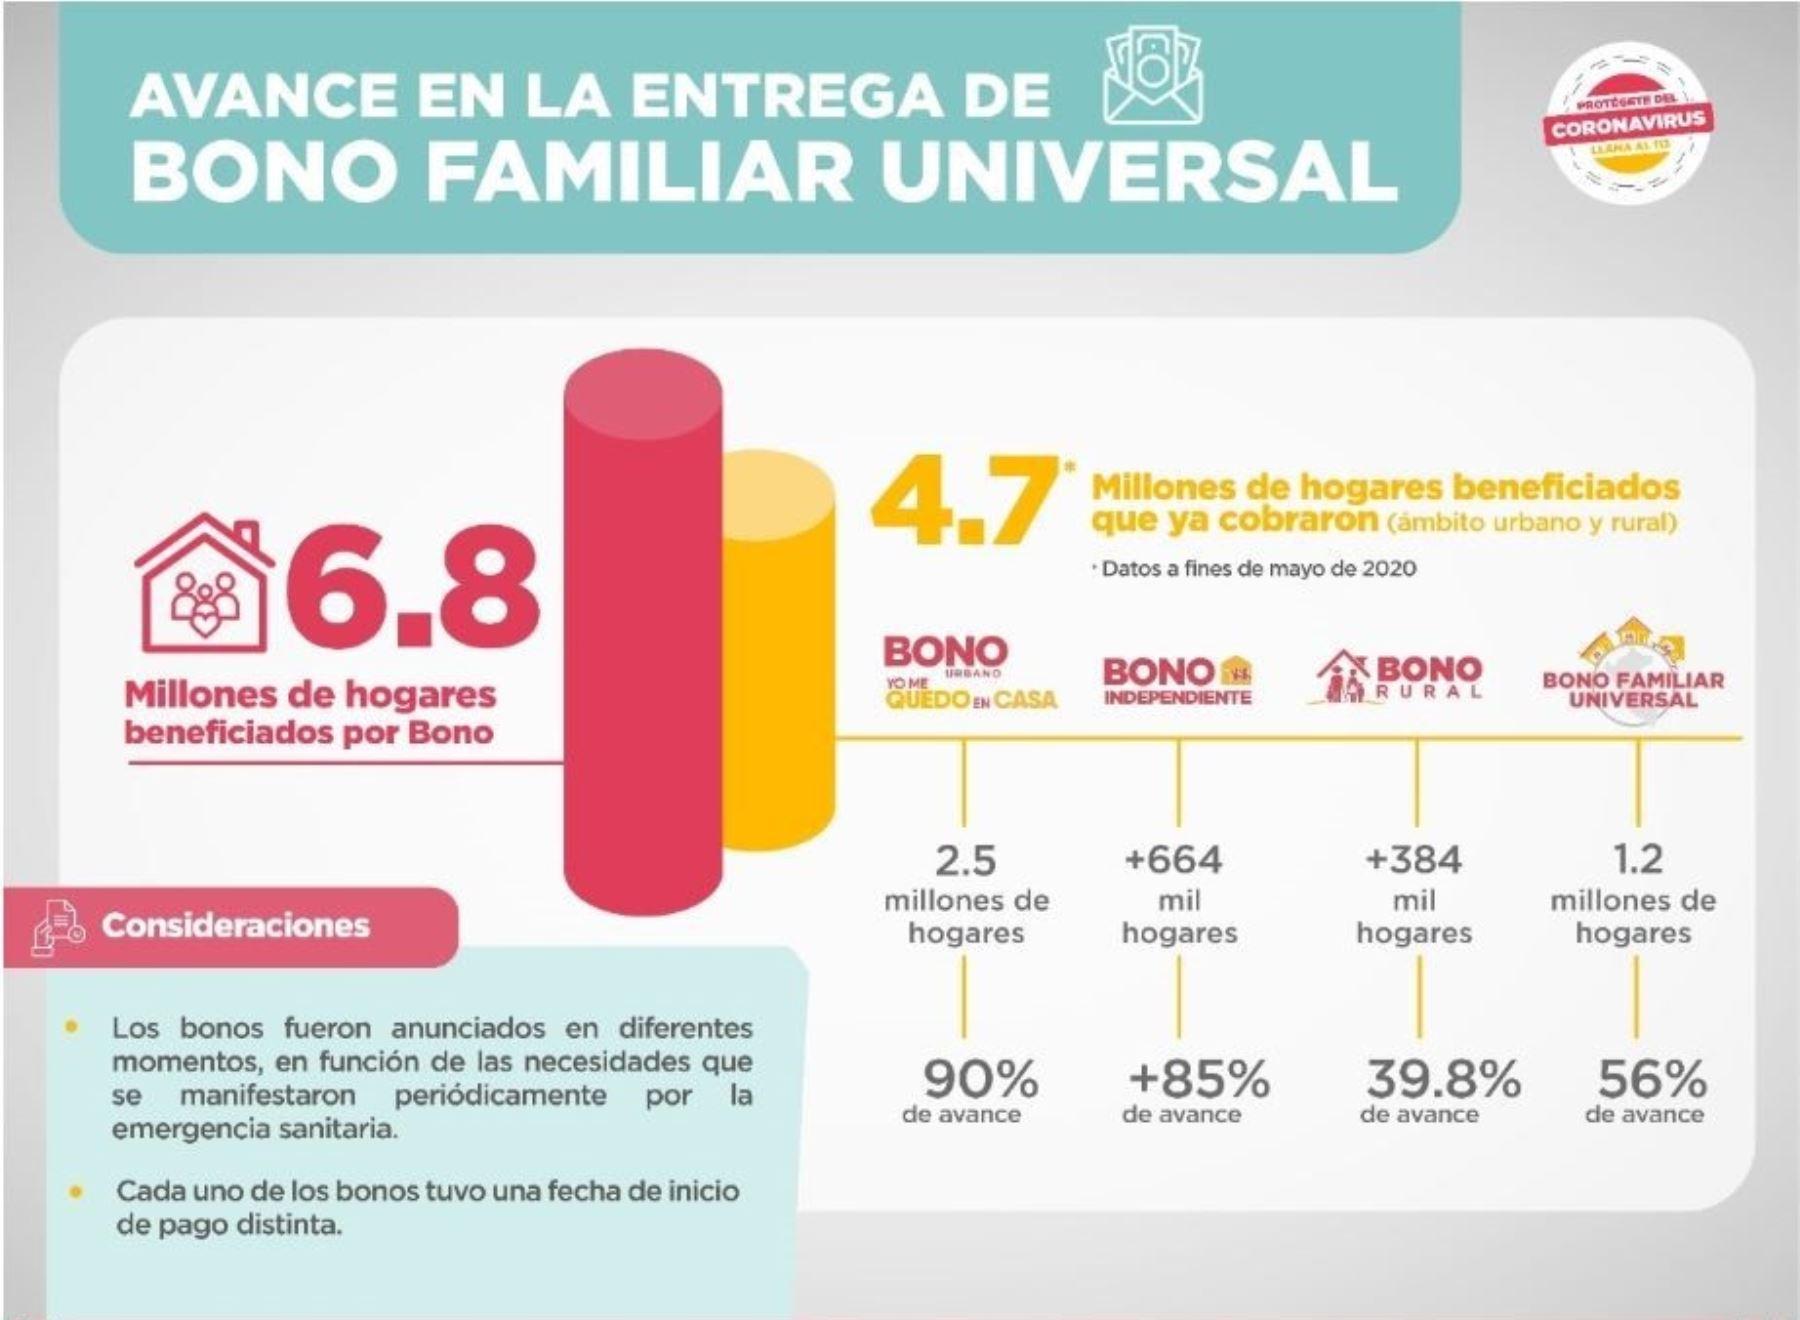 Midis resalta que ya suman 4.7 millones de hogares los que han cobrado su bono de S/ 760. ANDINA/Difusión